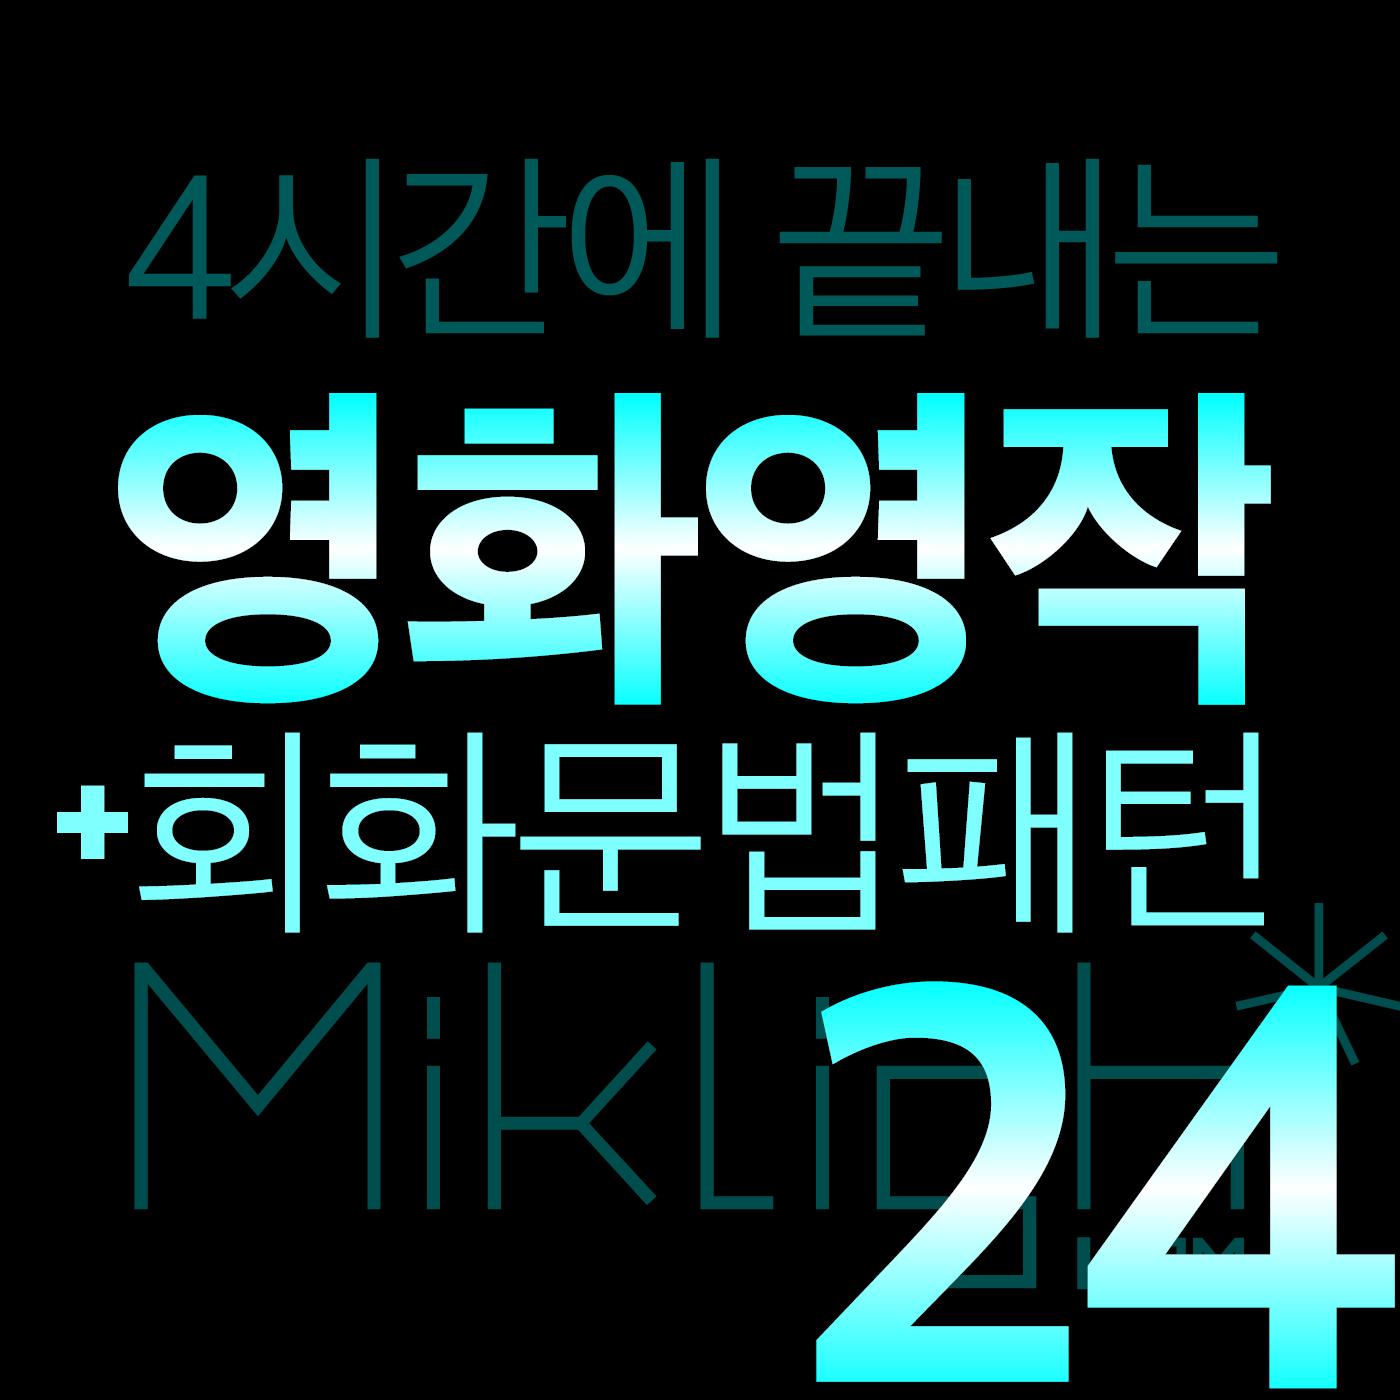 4시간에 끝내는 영화영작+회화문법패턴24